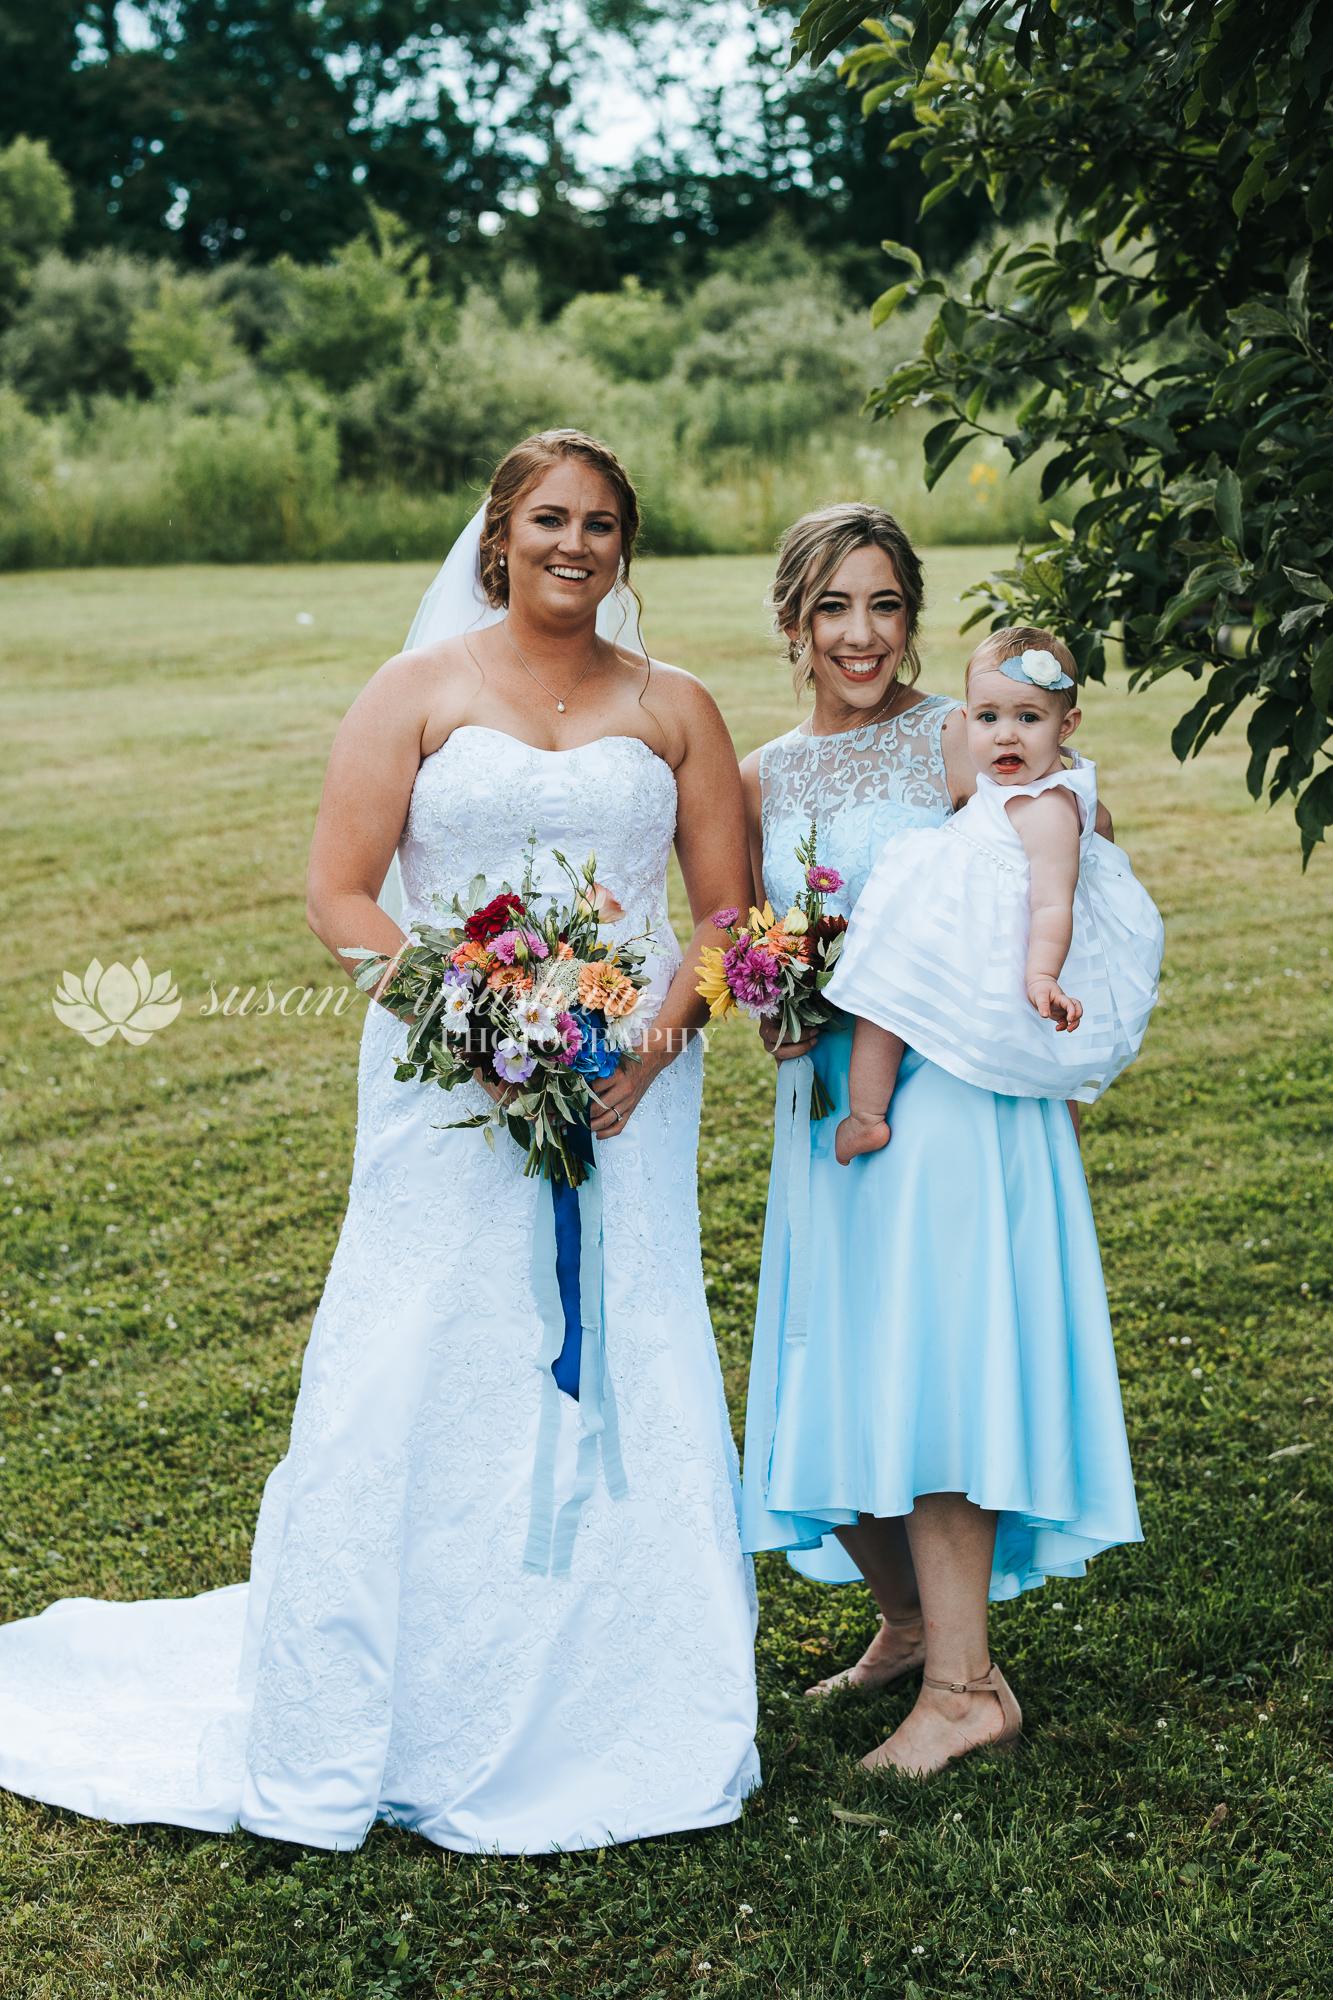 Erin and Jason Wedding Photos 07-06-2019 SLY Photography-47.jpg